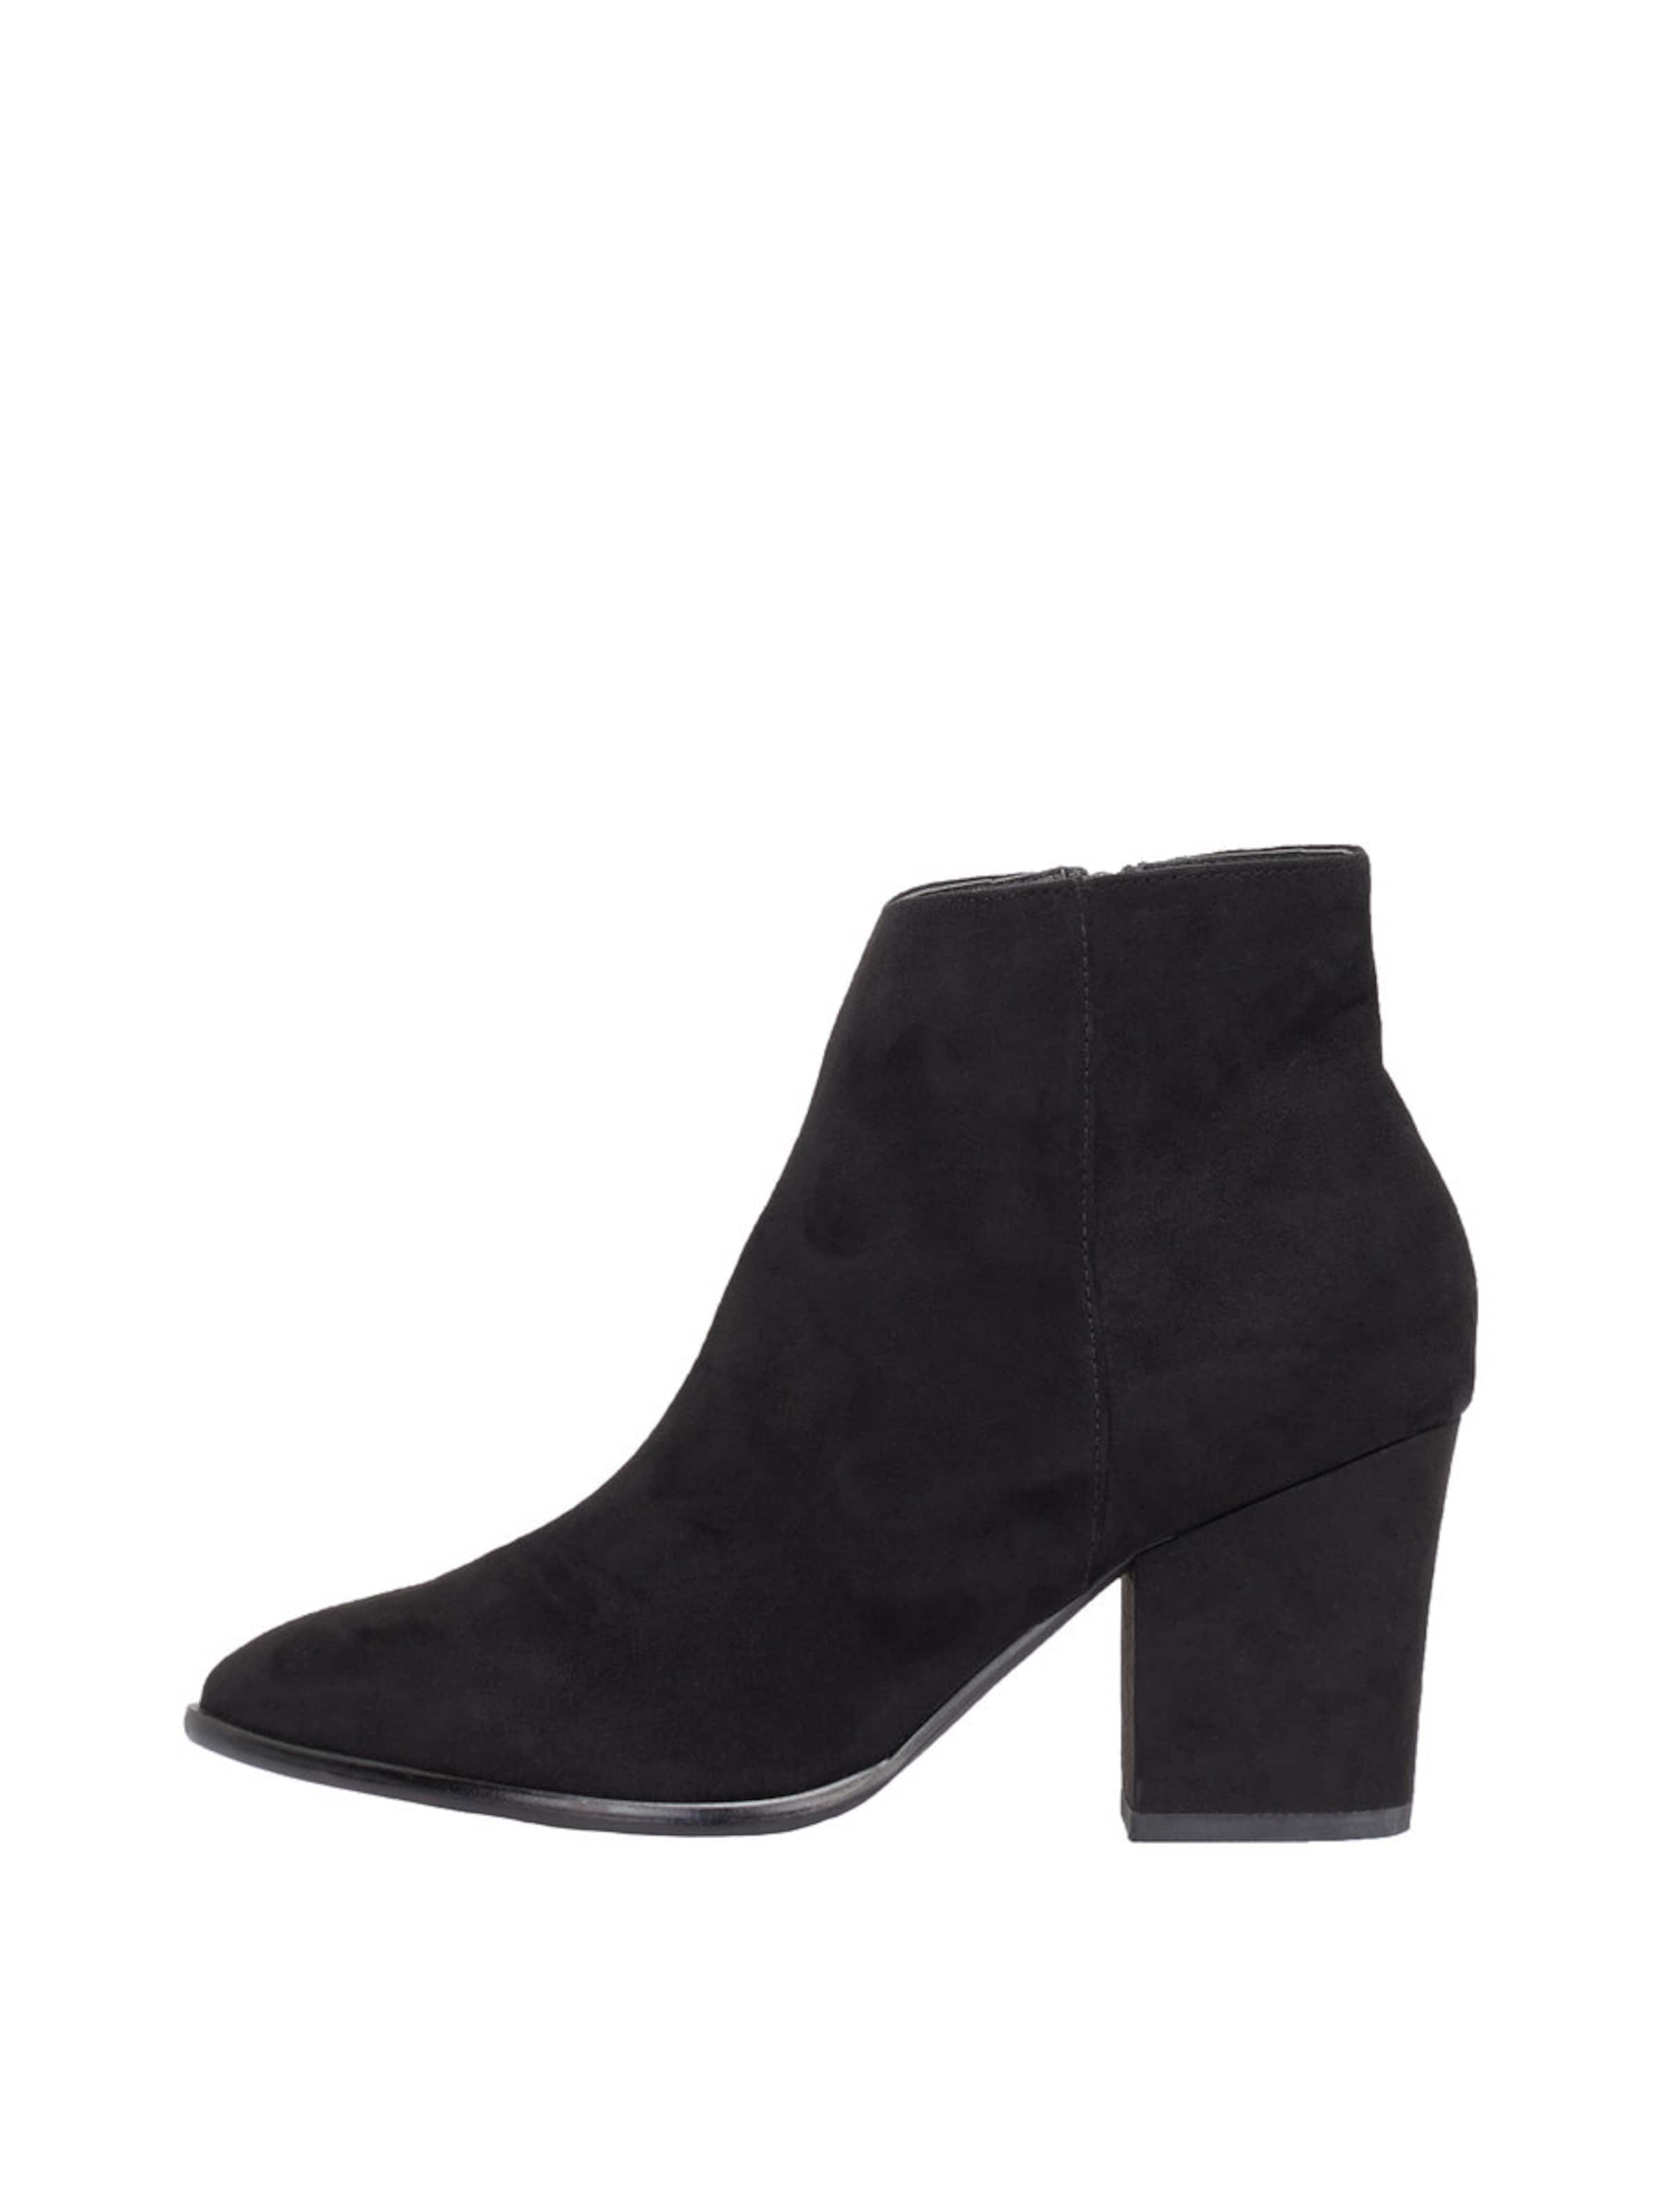 Haltbare Mode billige Schuhe Bianco | Klassische Stiefel Schuhe Gut getragene Schuhe